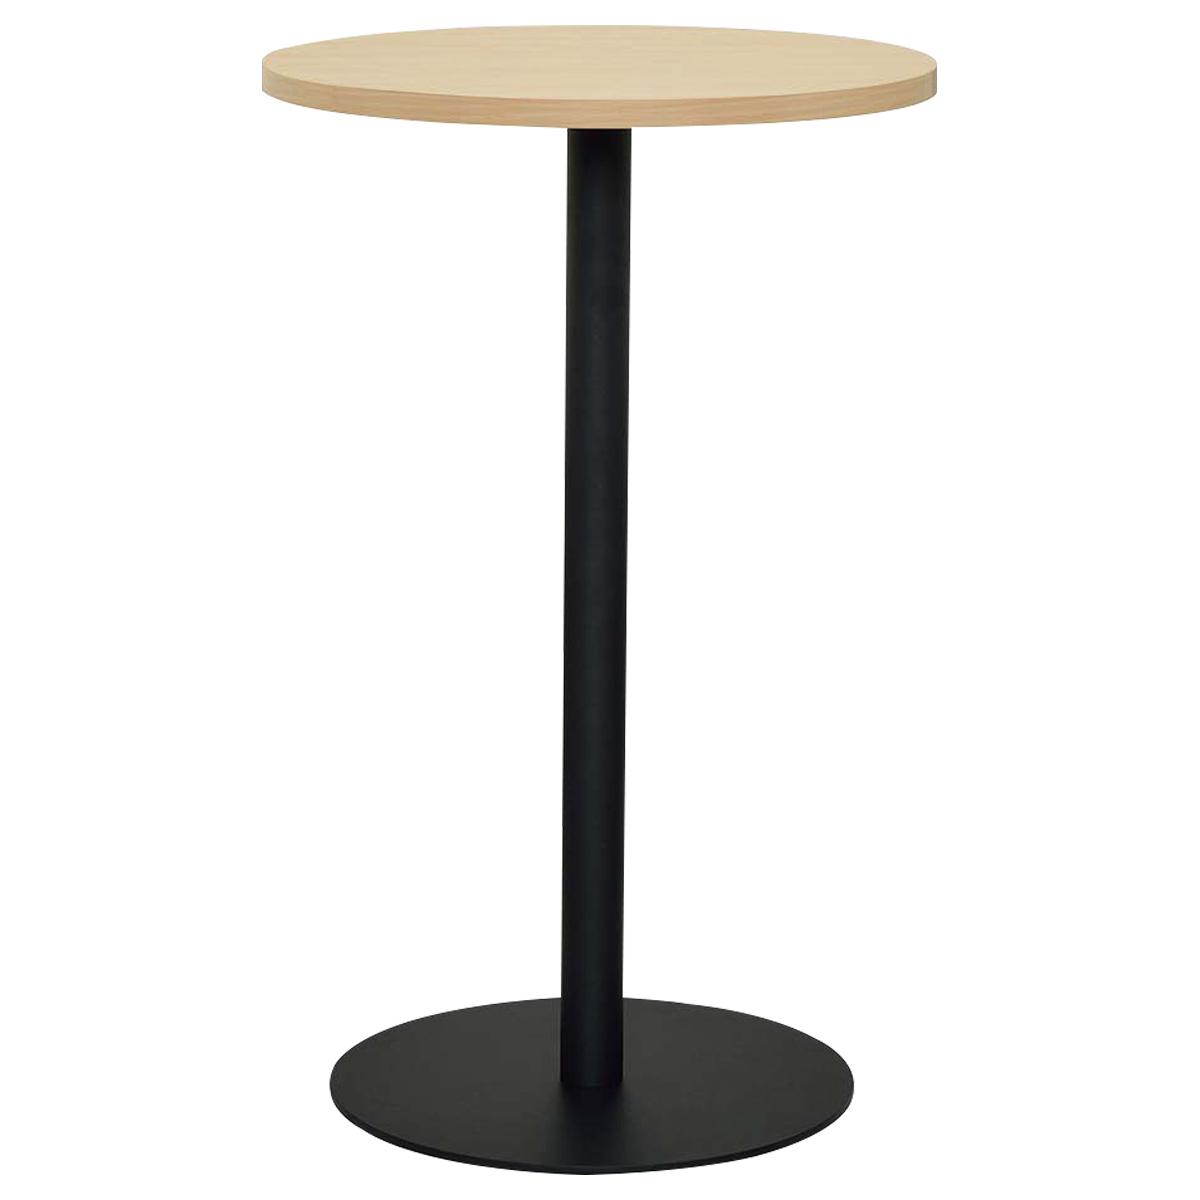 ブログチェア Blog W440×D500×H815mm ブラック ミーティングチェア スタッキングチェア 会議椅子 会議チェア アウトレット オフィス家具